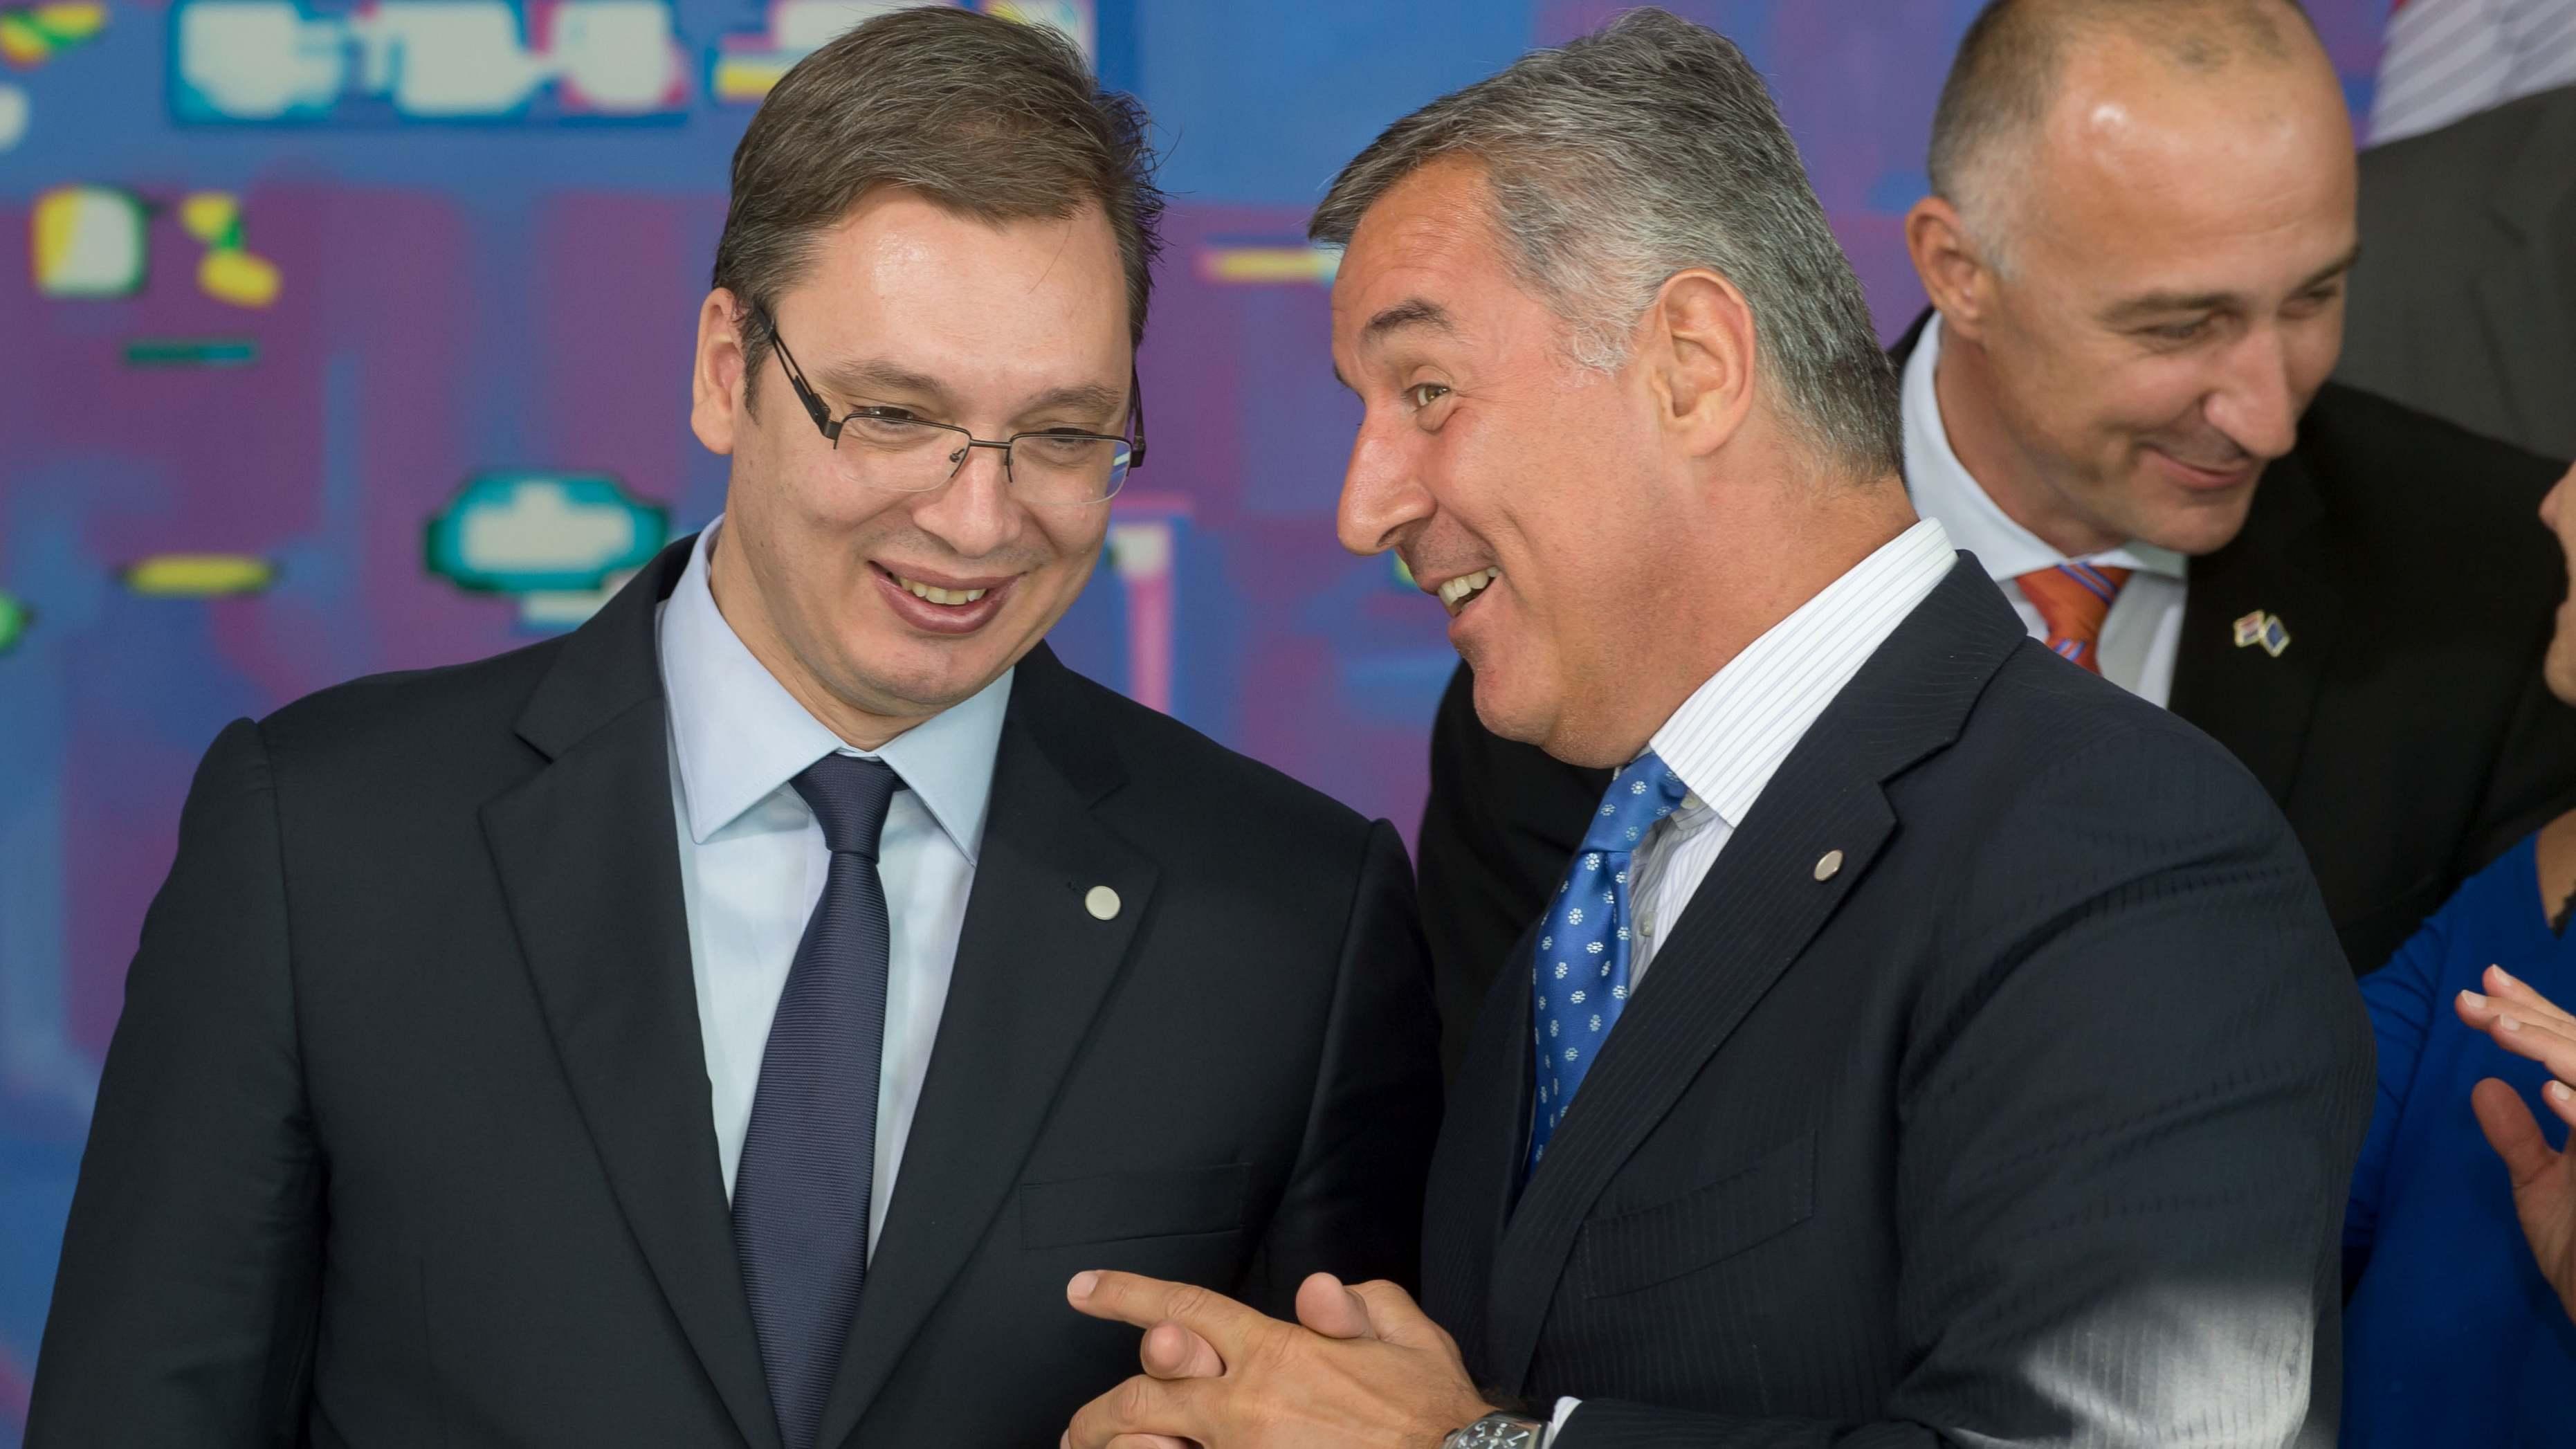 Двери: СНС спремила лажне бираче, који ће са лажним документима добијеним од црногорске тајне службе гласати за ДПС на изборима у ЦрнојГори